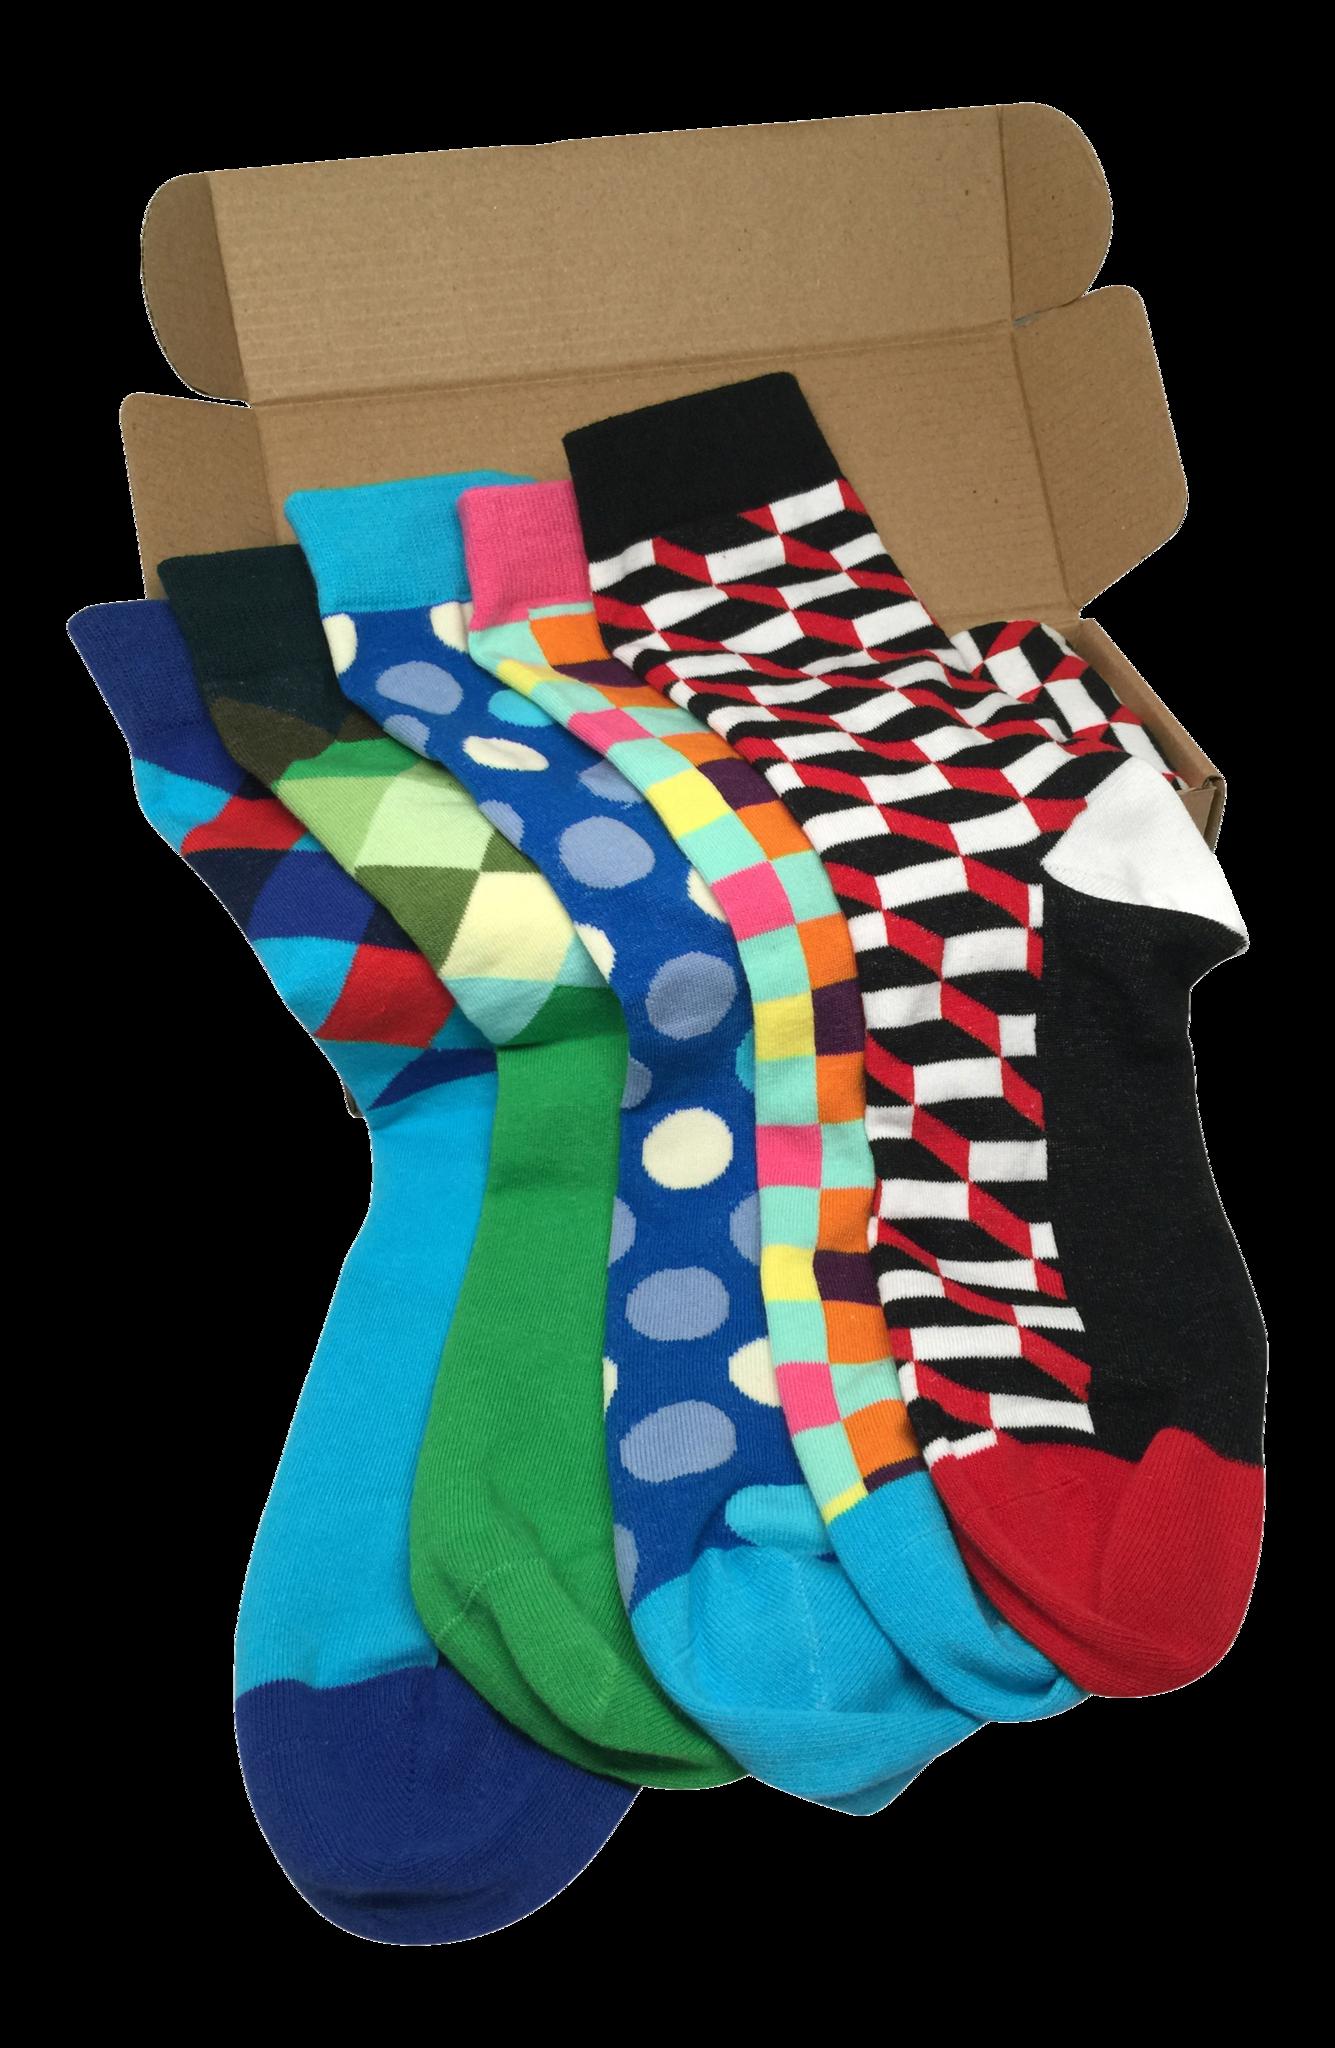 89210224651b6 5 Pair Mens Funky Fun Colorful Socks-Hipster Power Socks-Premium ...